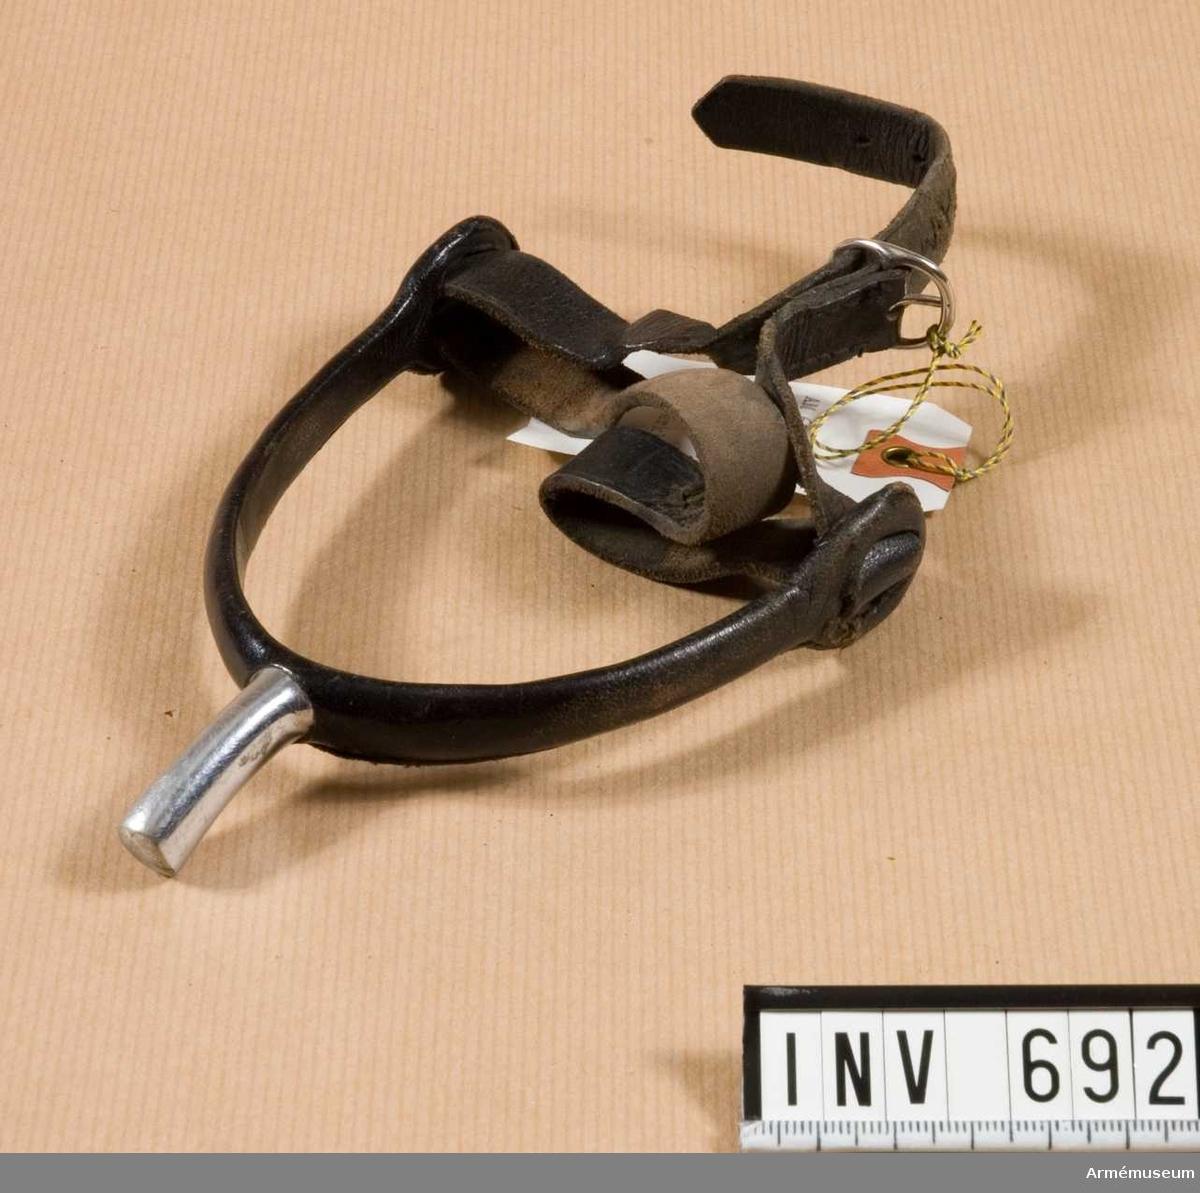 Av rostfritt stål utan trissor. Den hästskoformade delen är överklädd med läder (lädermaterialet hindrar stålet från att leda kylan). En enkel 10 mm bred svart läderrem håller sporren på plats.